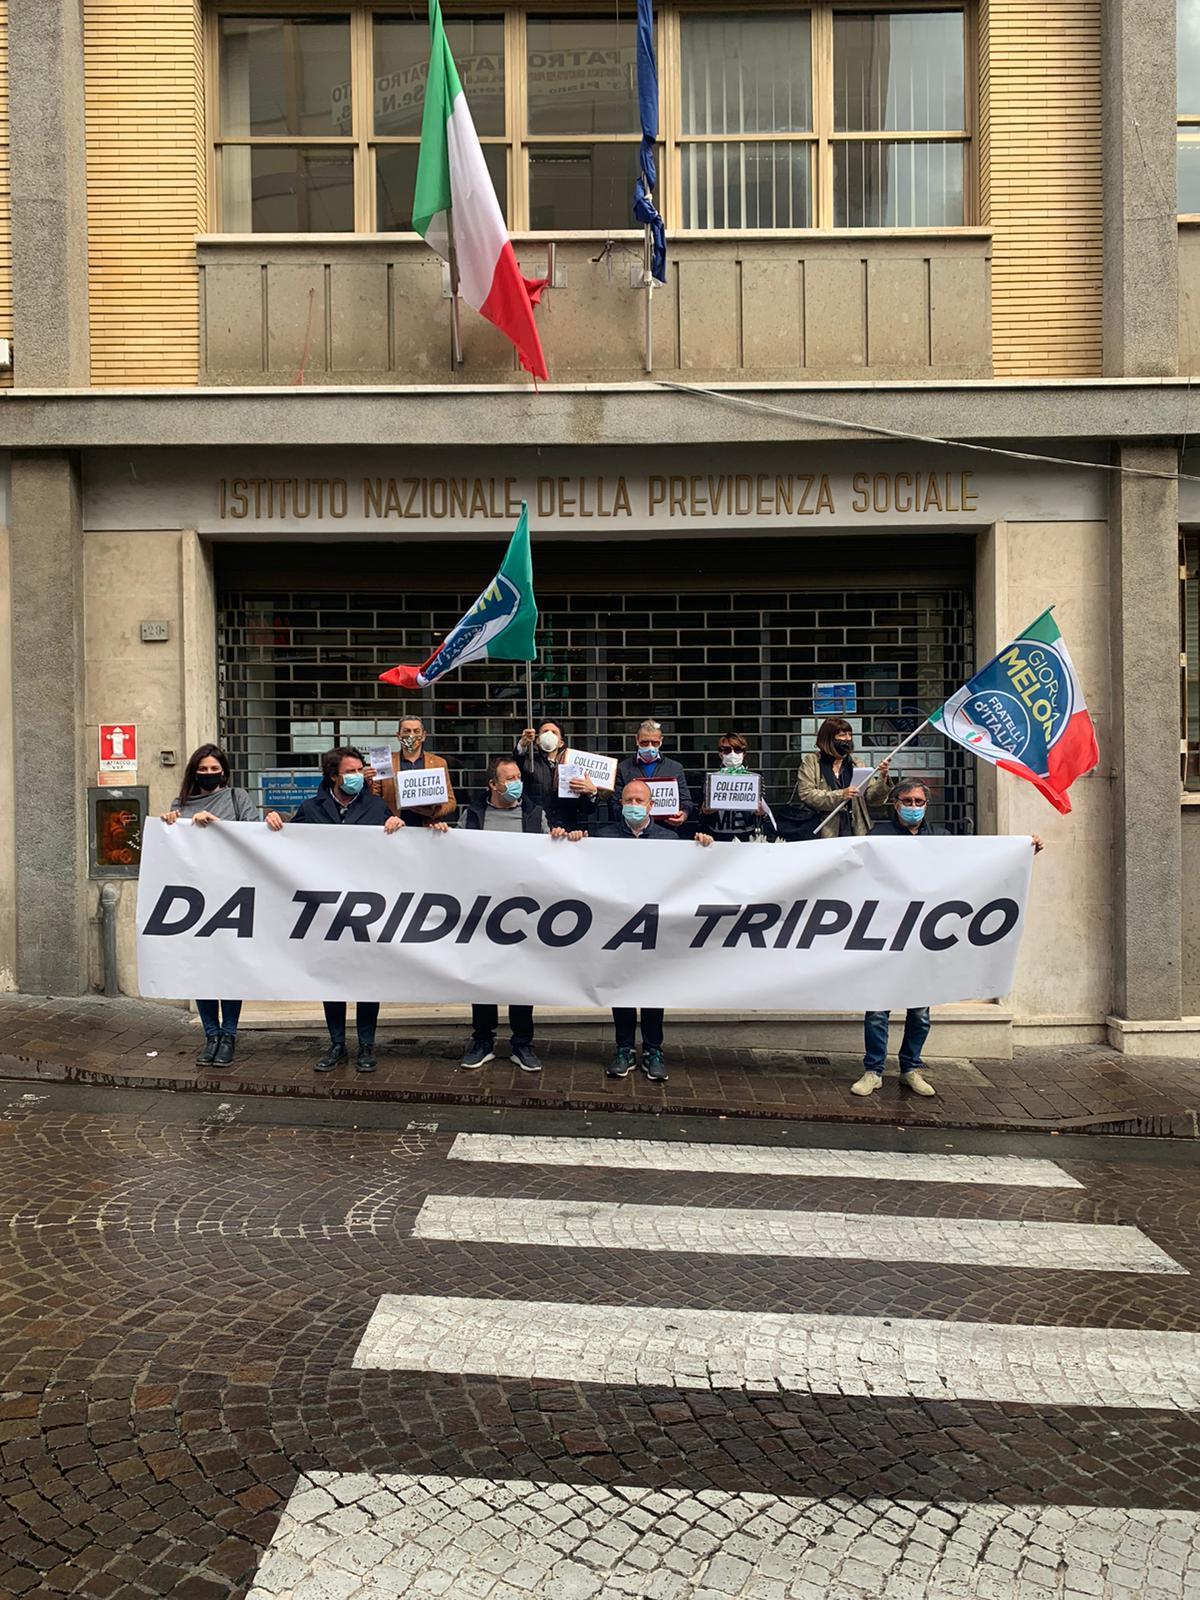 """Viterbo, """"da Tridico a Triplico"""", l'""""attivista"""" De Carolis lascia l'ufficio di assessore e va a manifestare in piazza con Fdi, è pagato per questo?"""